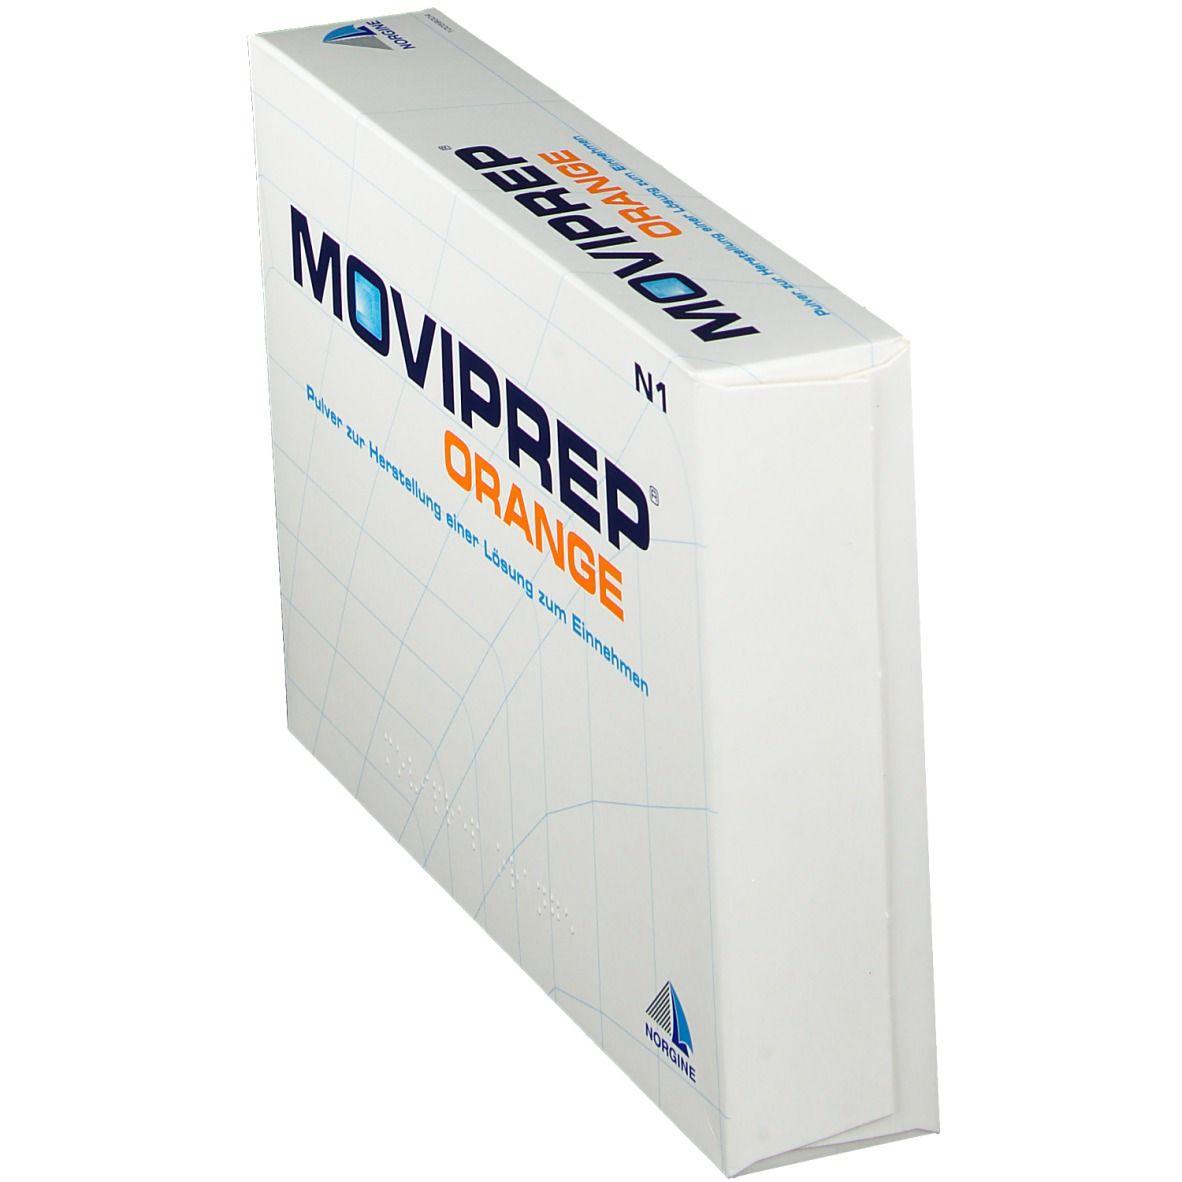 Sein wirkt es kann dass moviprep nicht Moviprep, Medikamentenberichte